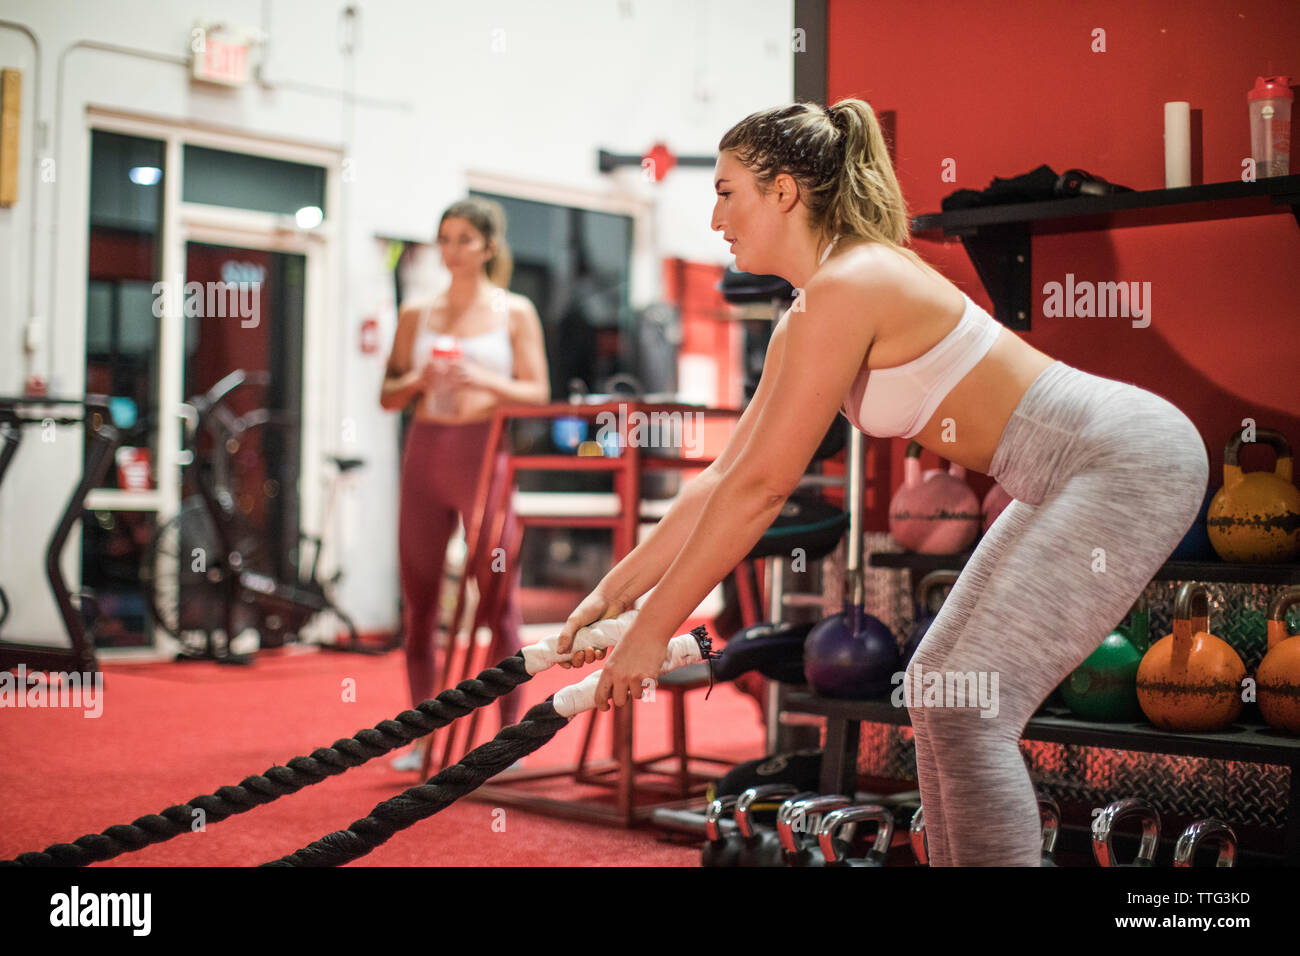 Colocar mujer intensa batalla cuerda haciendo ejercicio en el gimnasio. Imagen De Stock